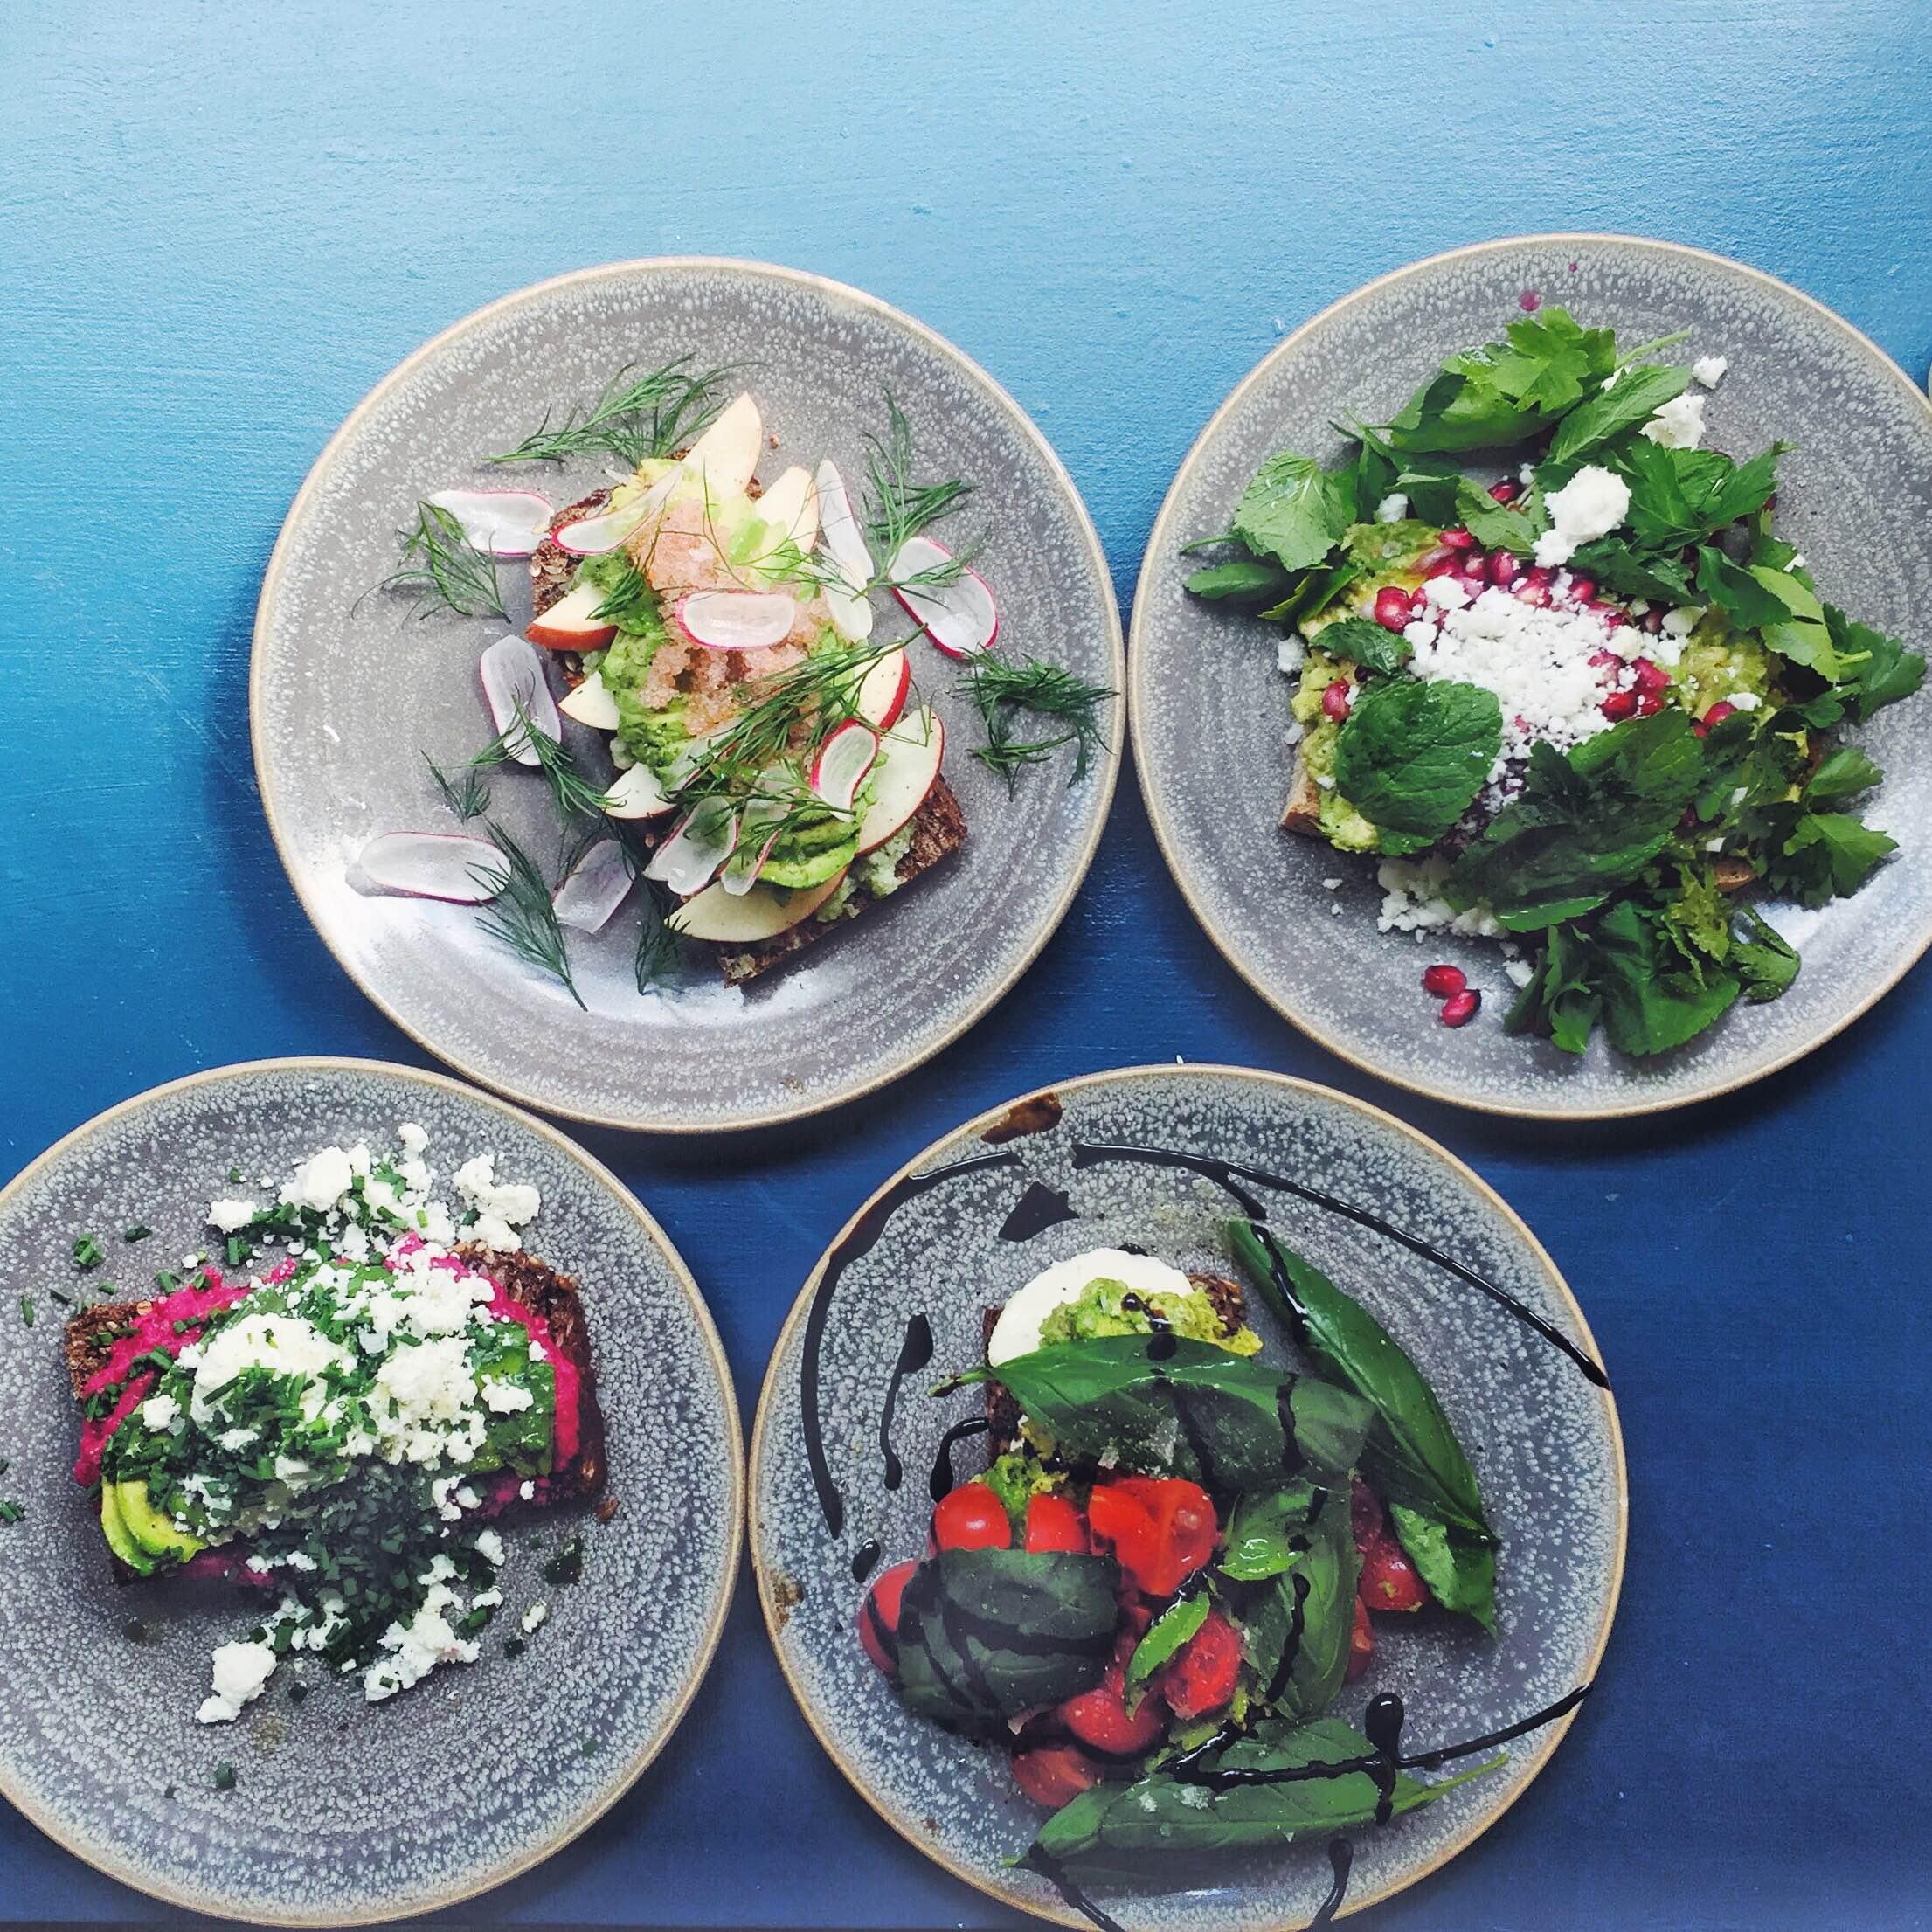 Fire forskellige avokadomadder; gedeost, mozzarella, Rødbedehummus, stenbidderogn